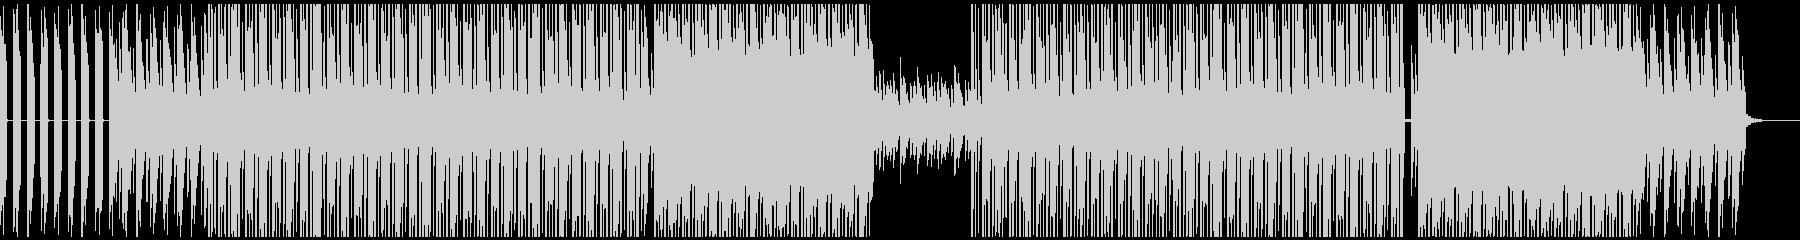 ピアノが印象的なヒップホップ系BGMの未再生の波形